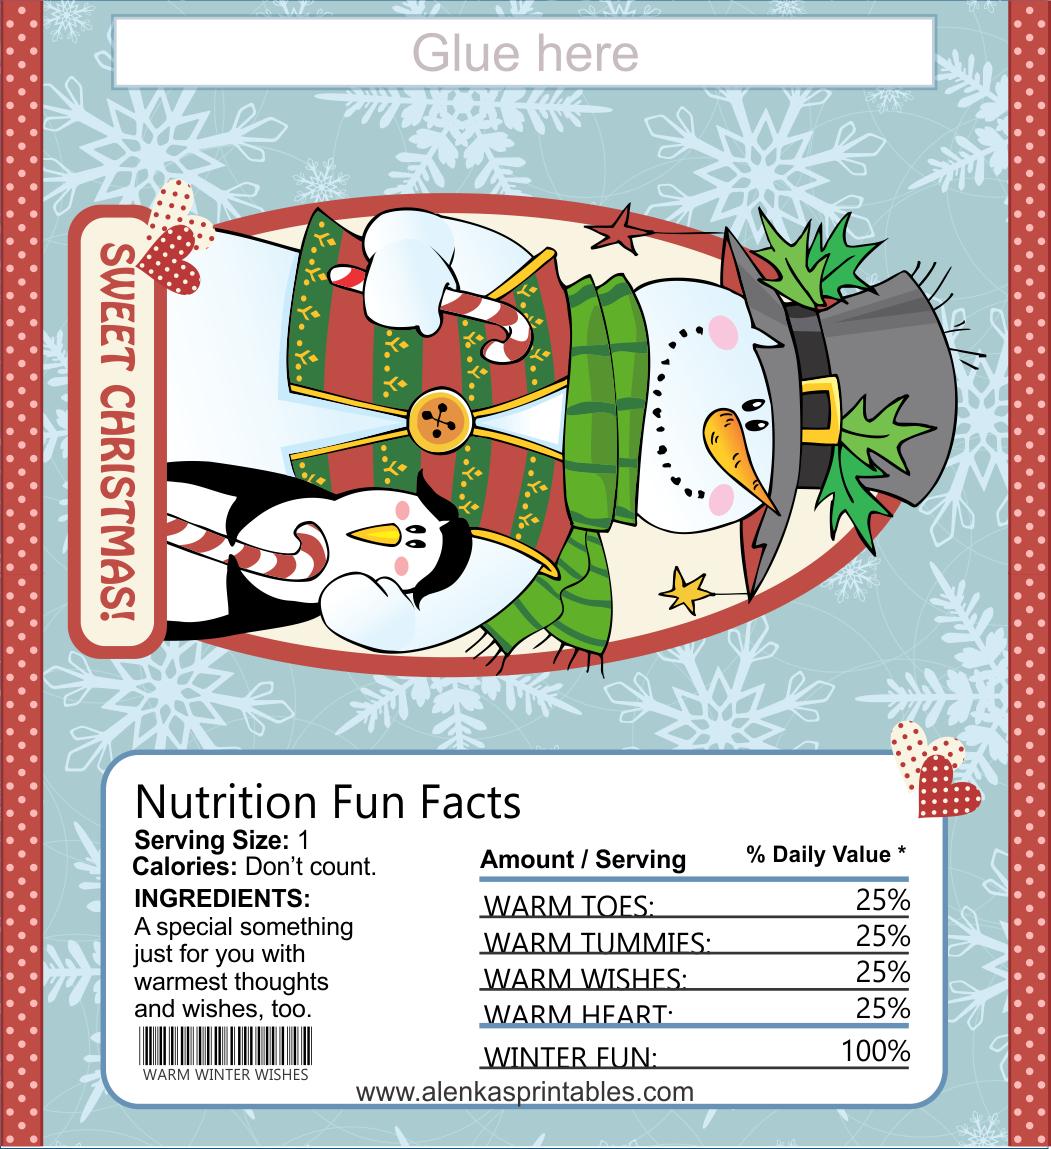 Candy Bar Wrapper Printable | Christmas Printables 7 | Candy Bar - Free Printable Christmas Candy Bar Wrappers